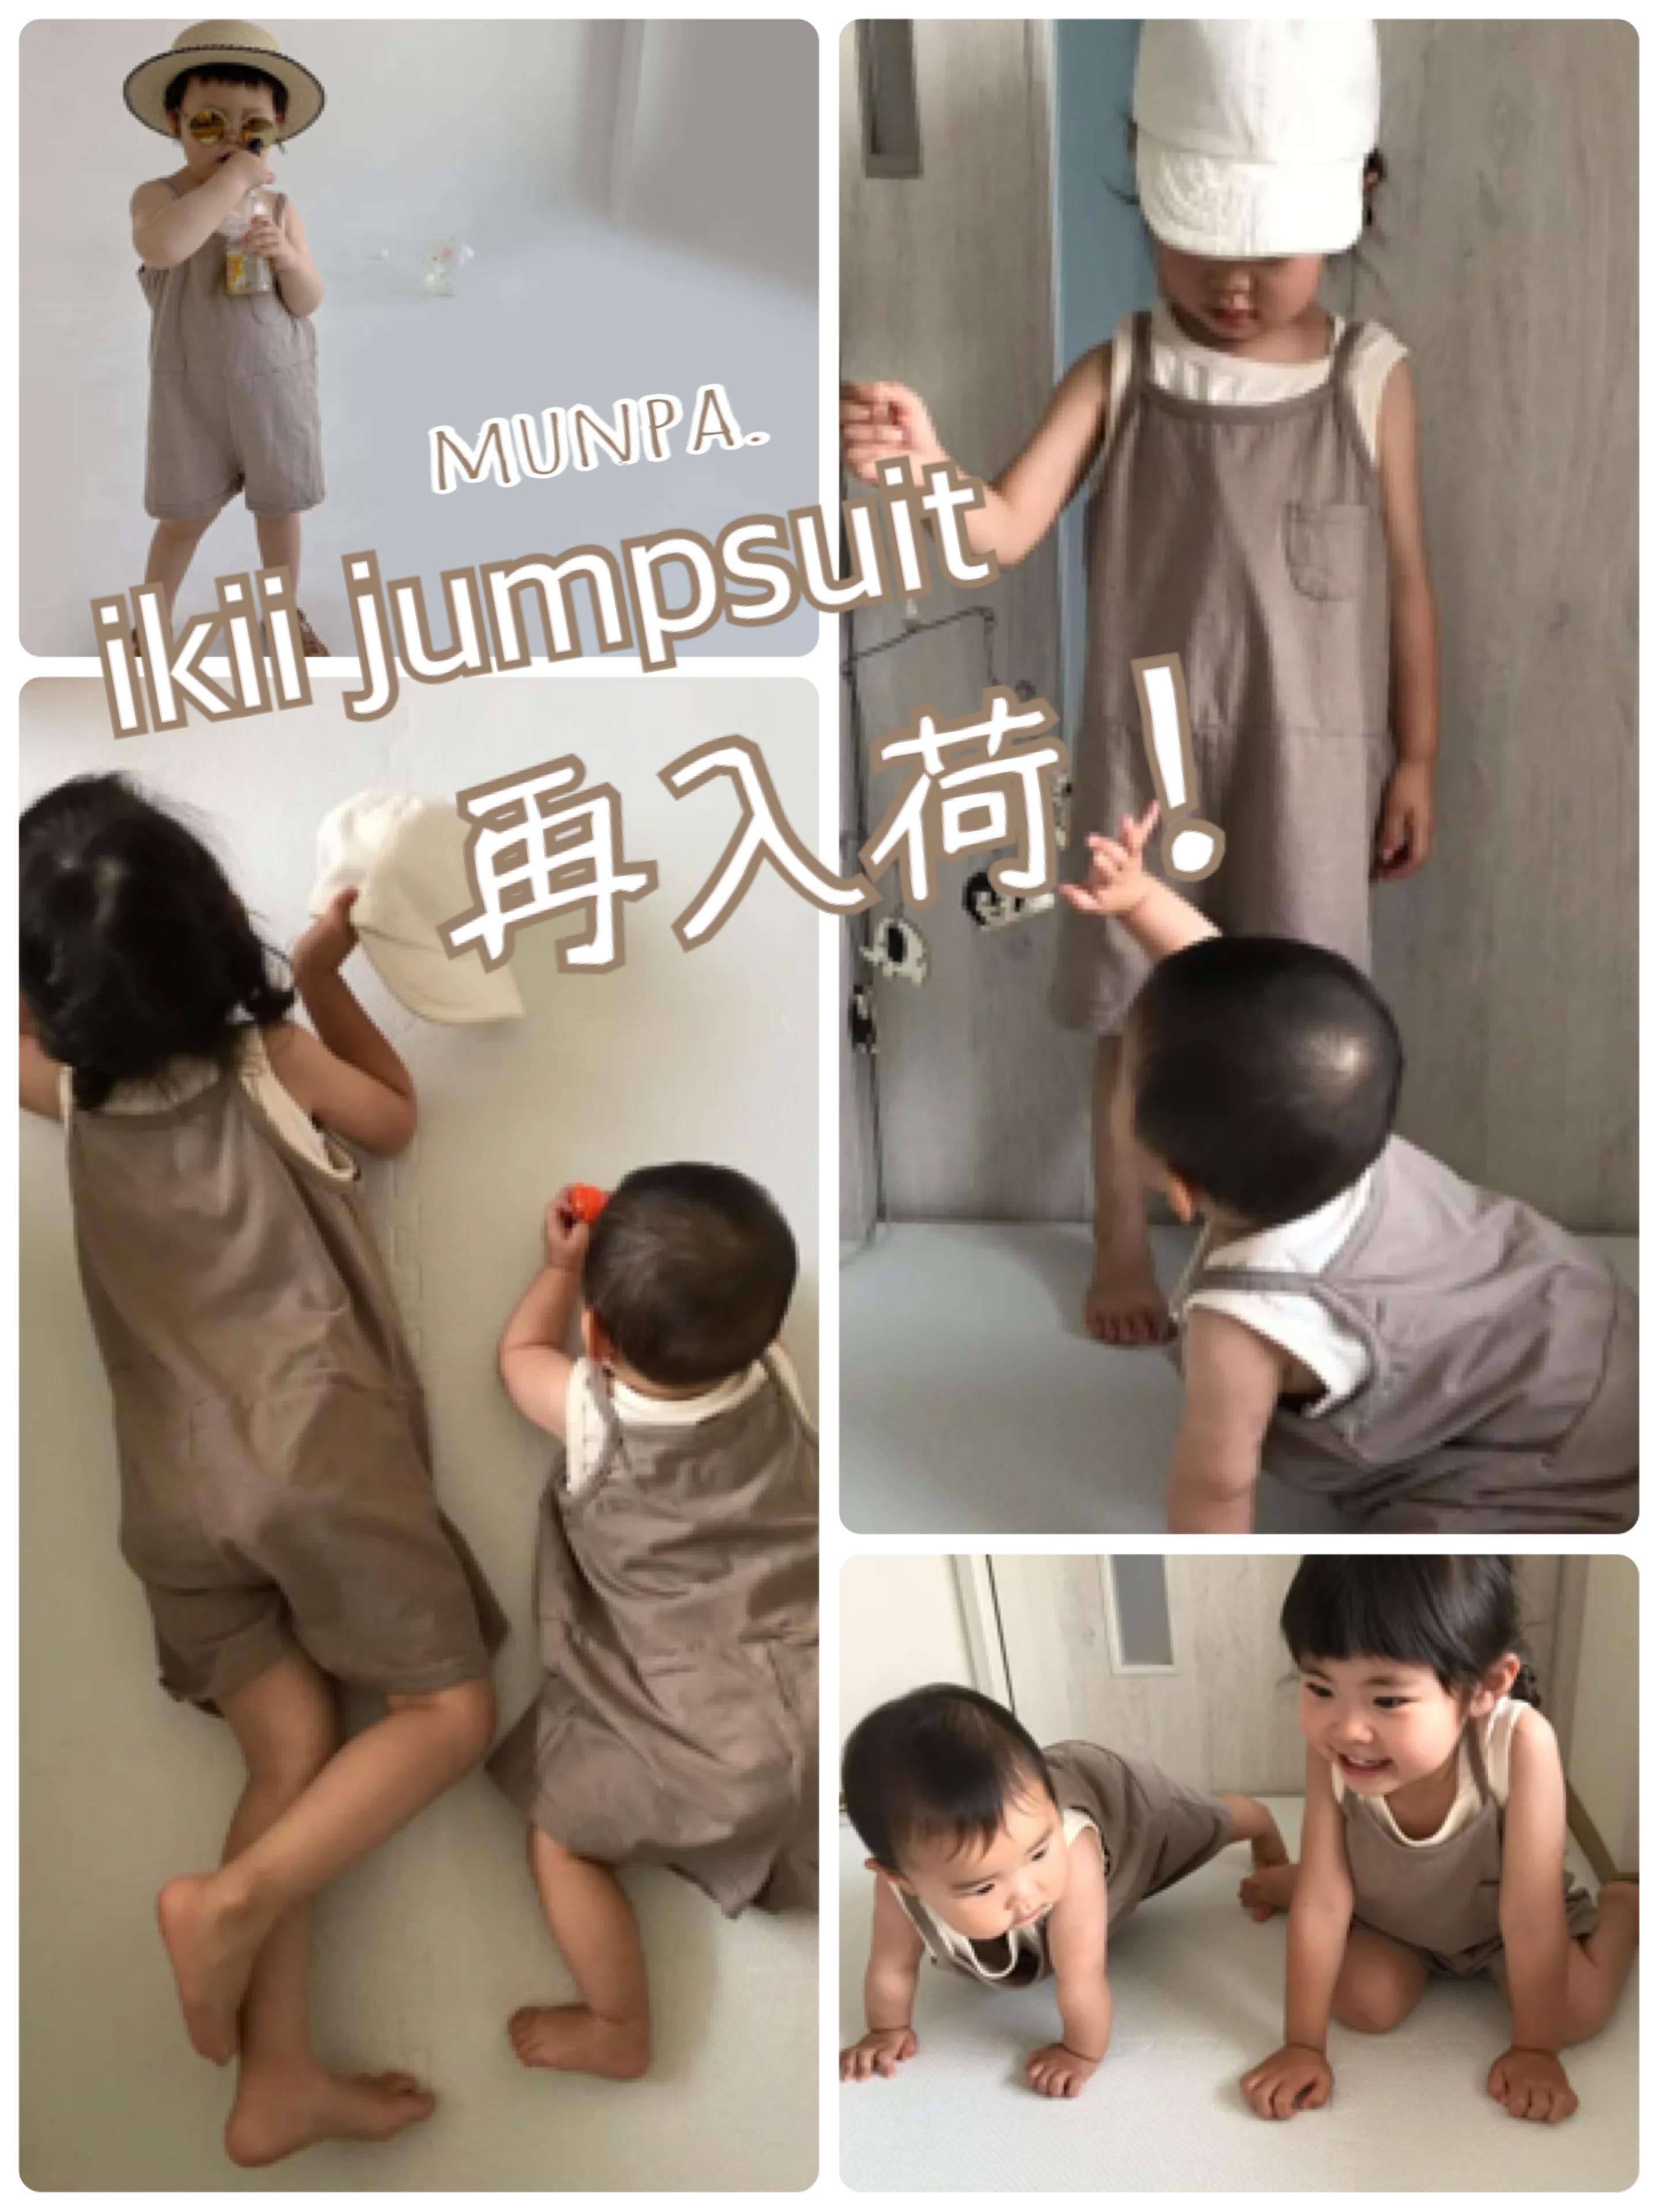 ikii jumpsuits追加販売お知らせ